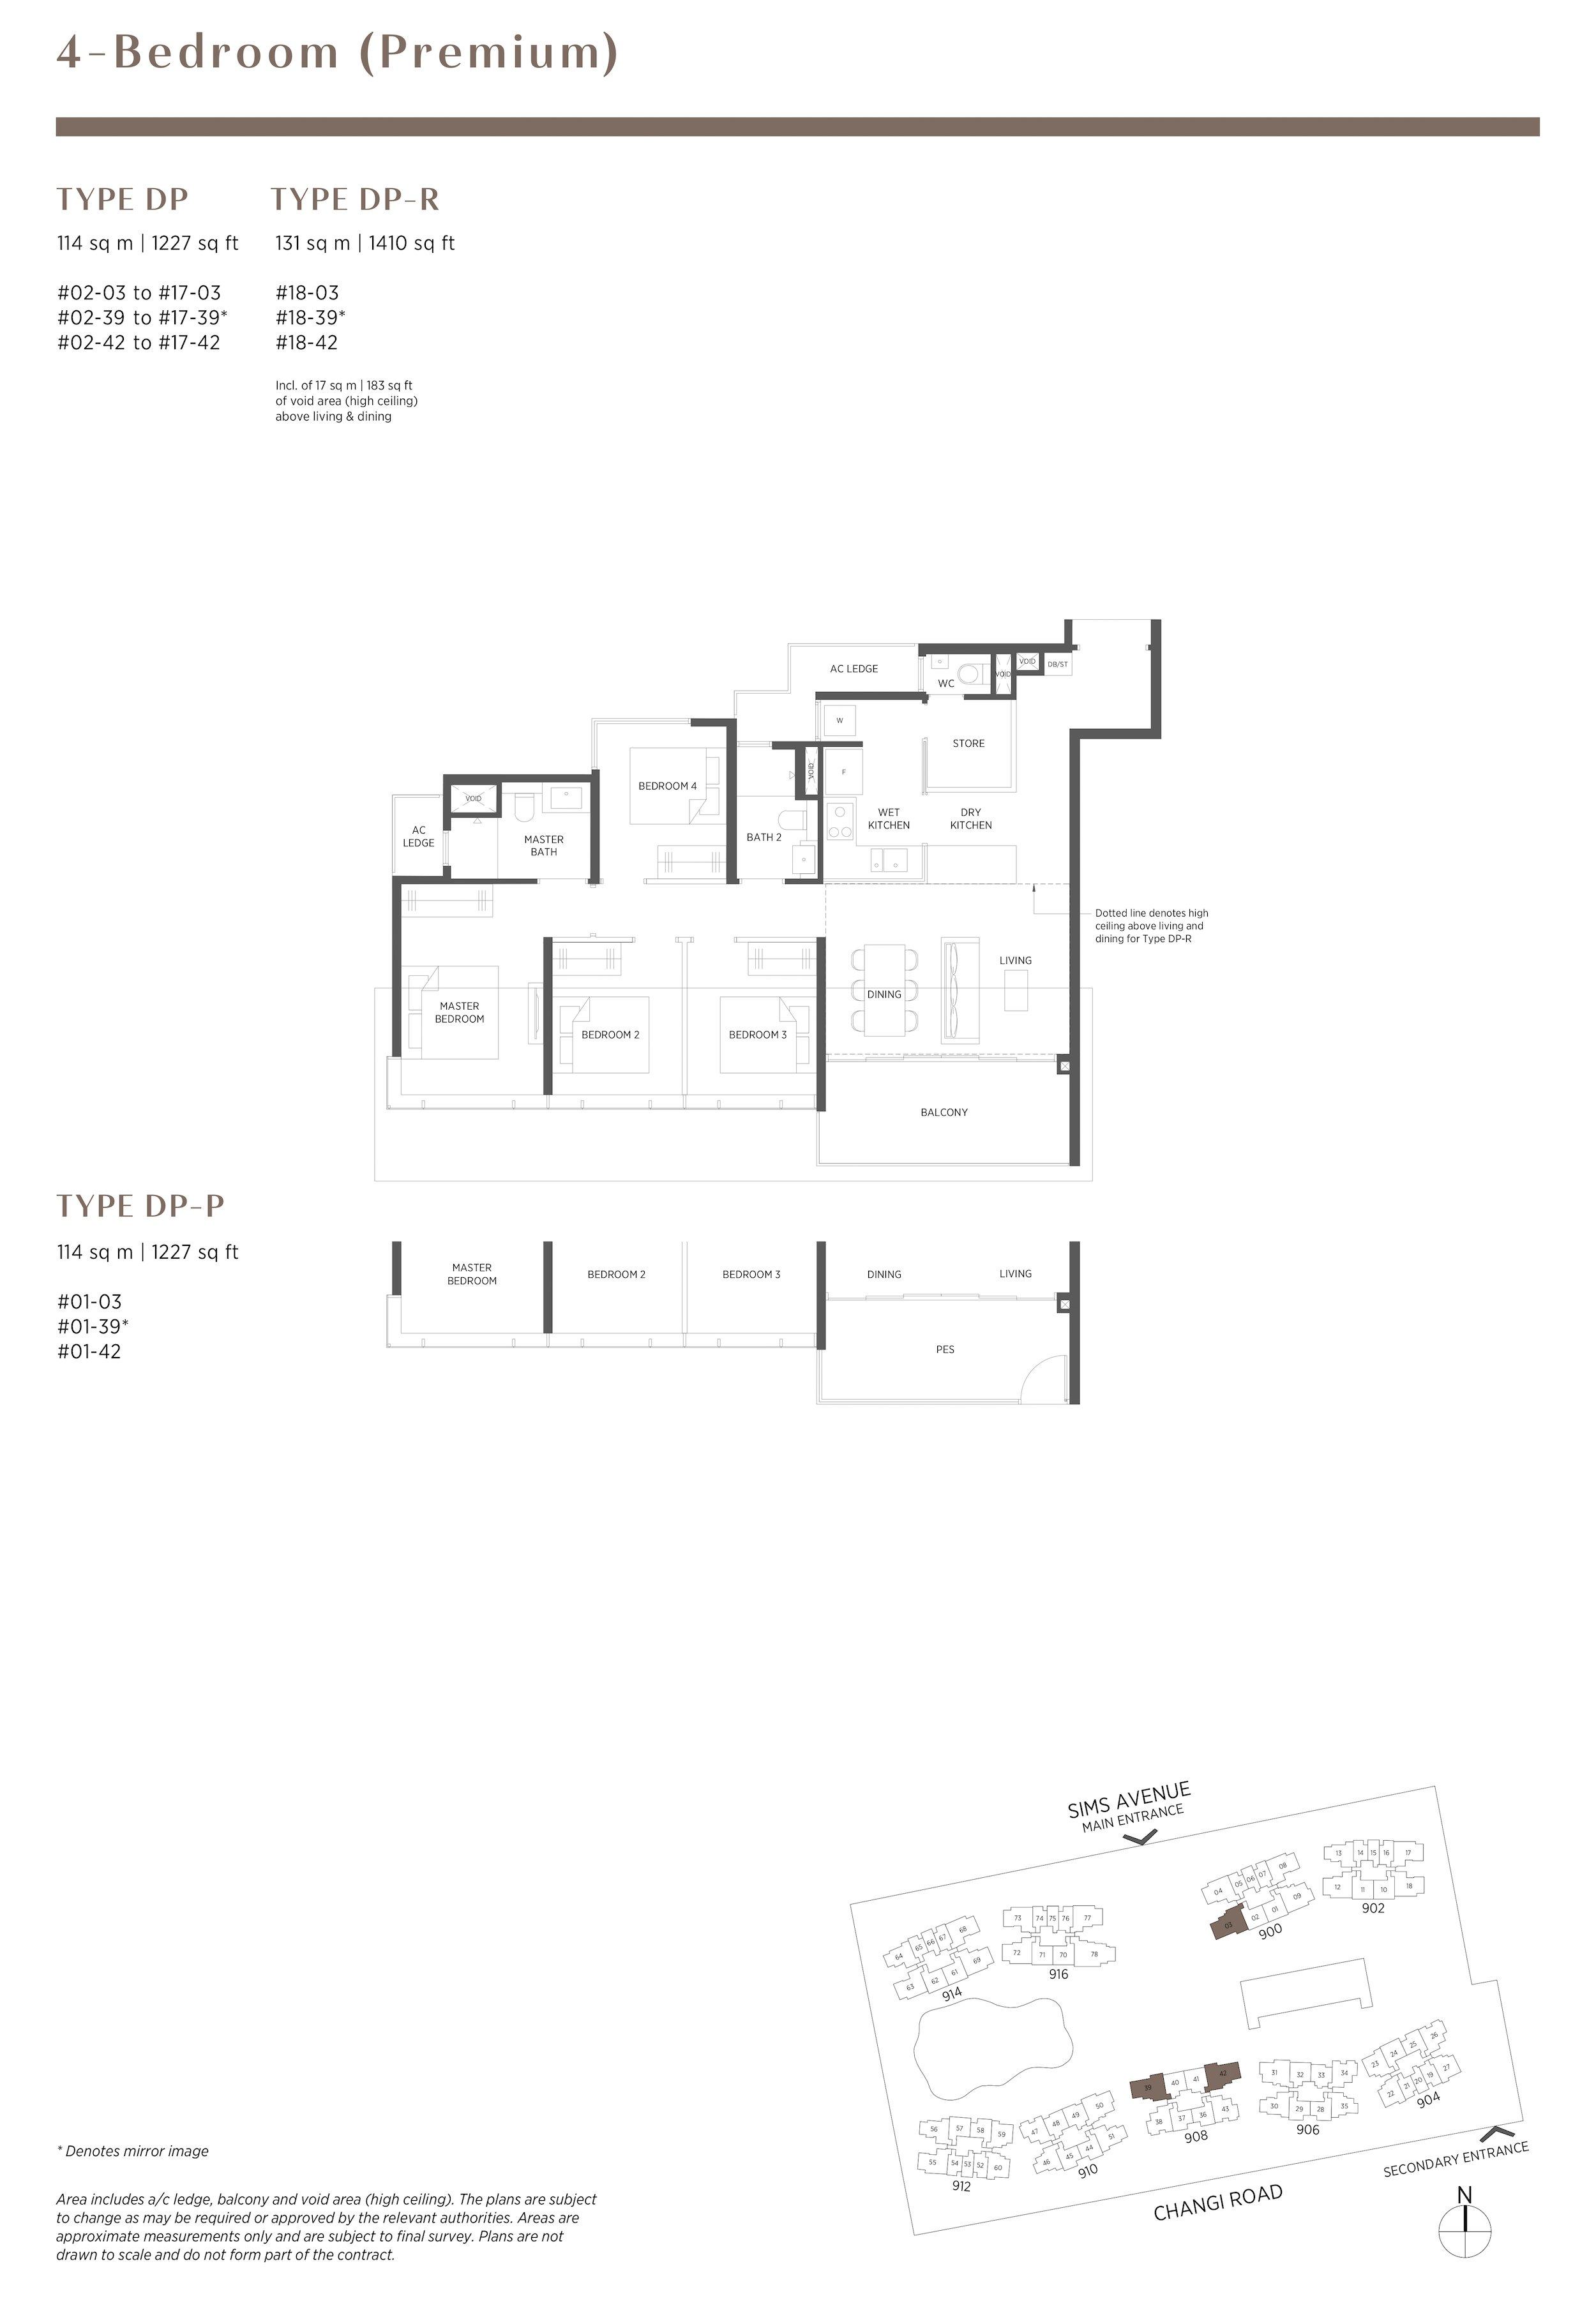 Parc Esta 东景苑 4 bedroom premium 4卧房优质 DP